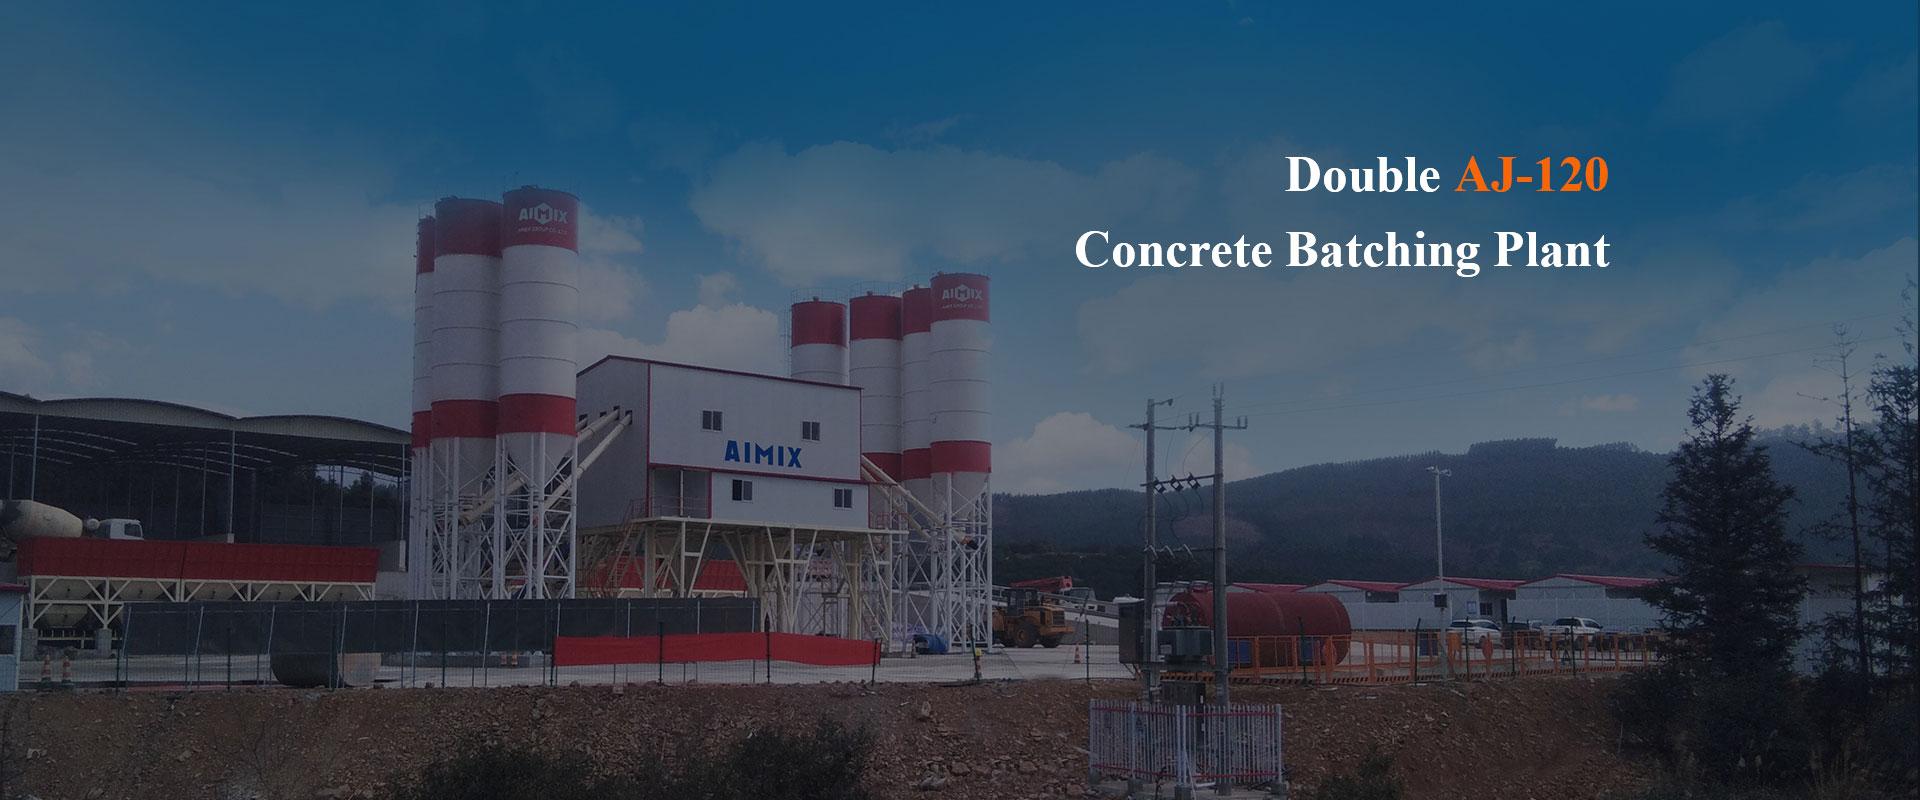 Double AJ-120 Concrete Batching Plant